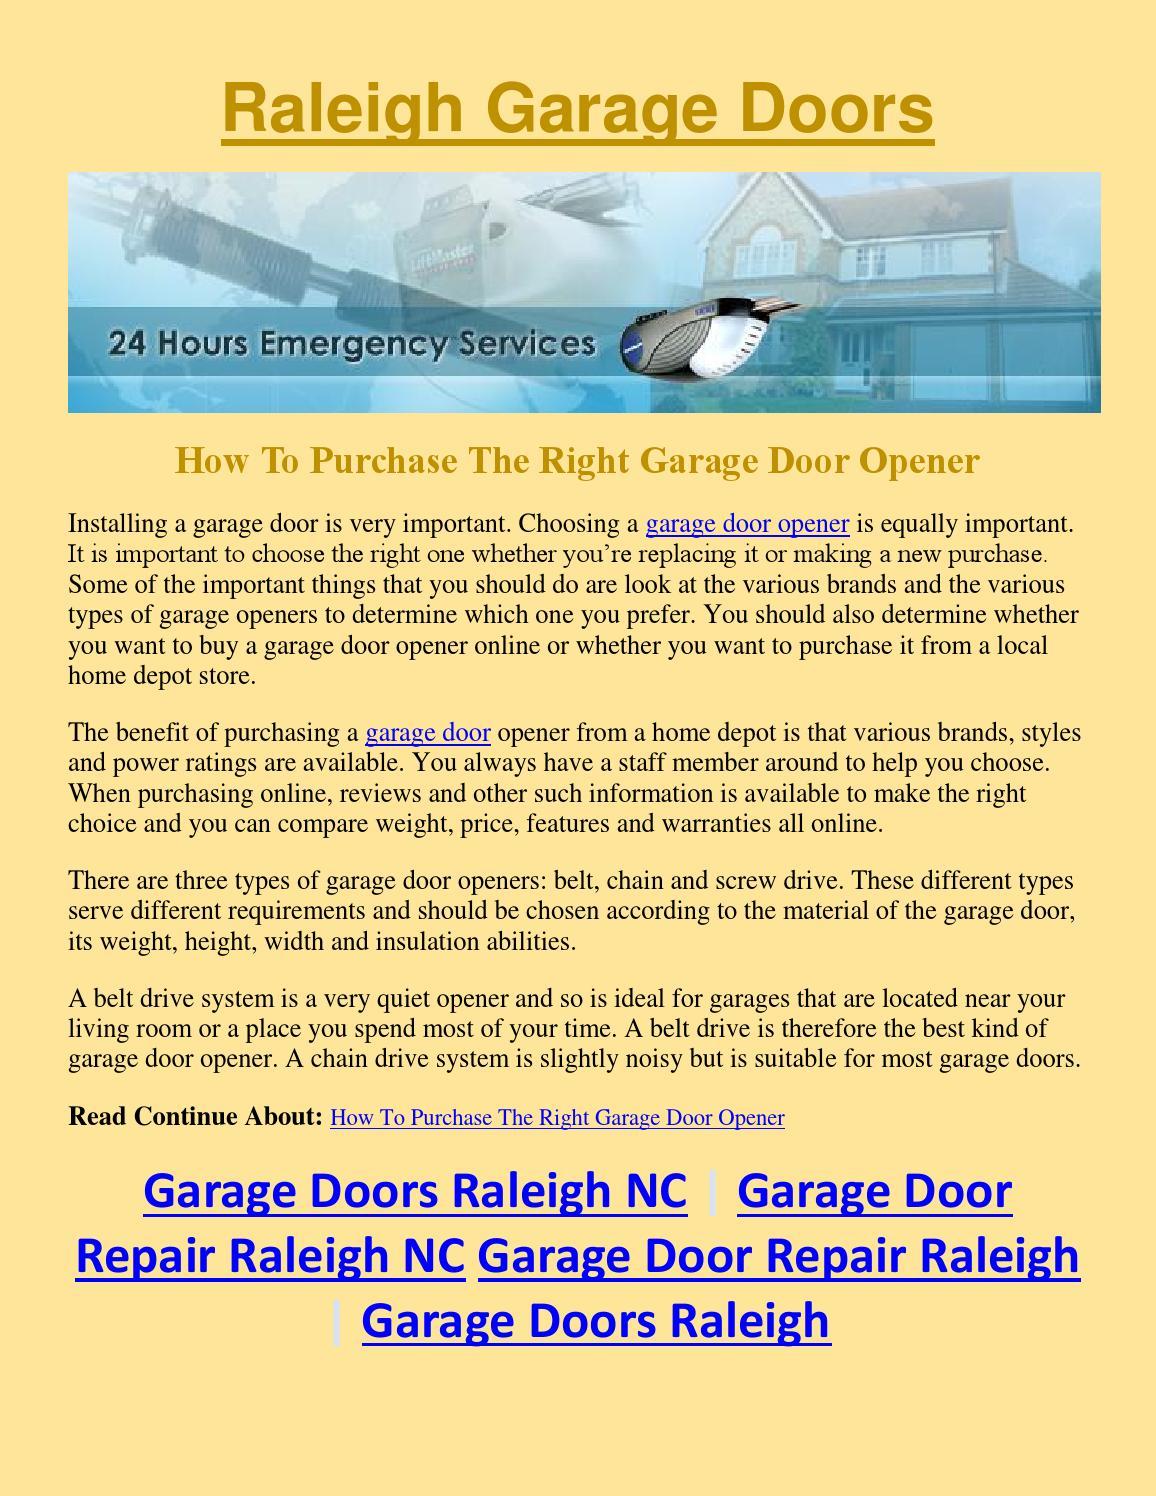 Garage Door Repair Raleigh Nc How To Purchase The Right Garage Door